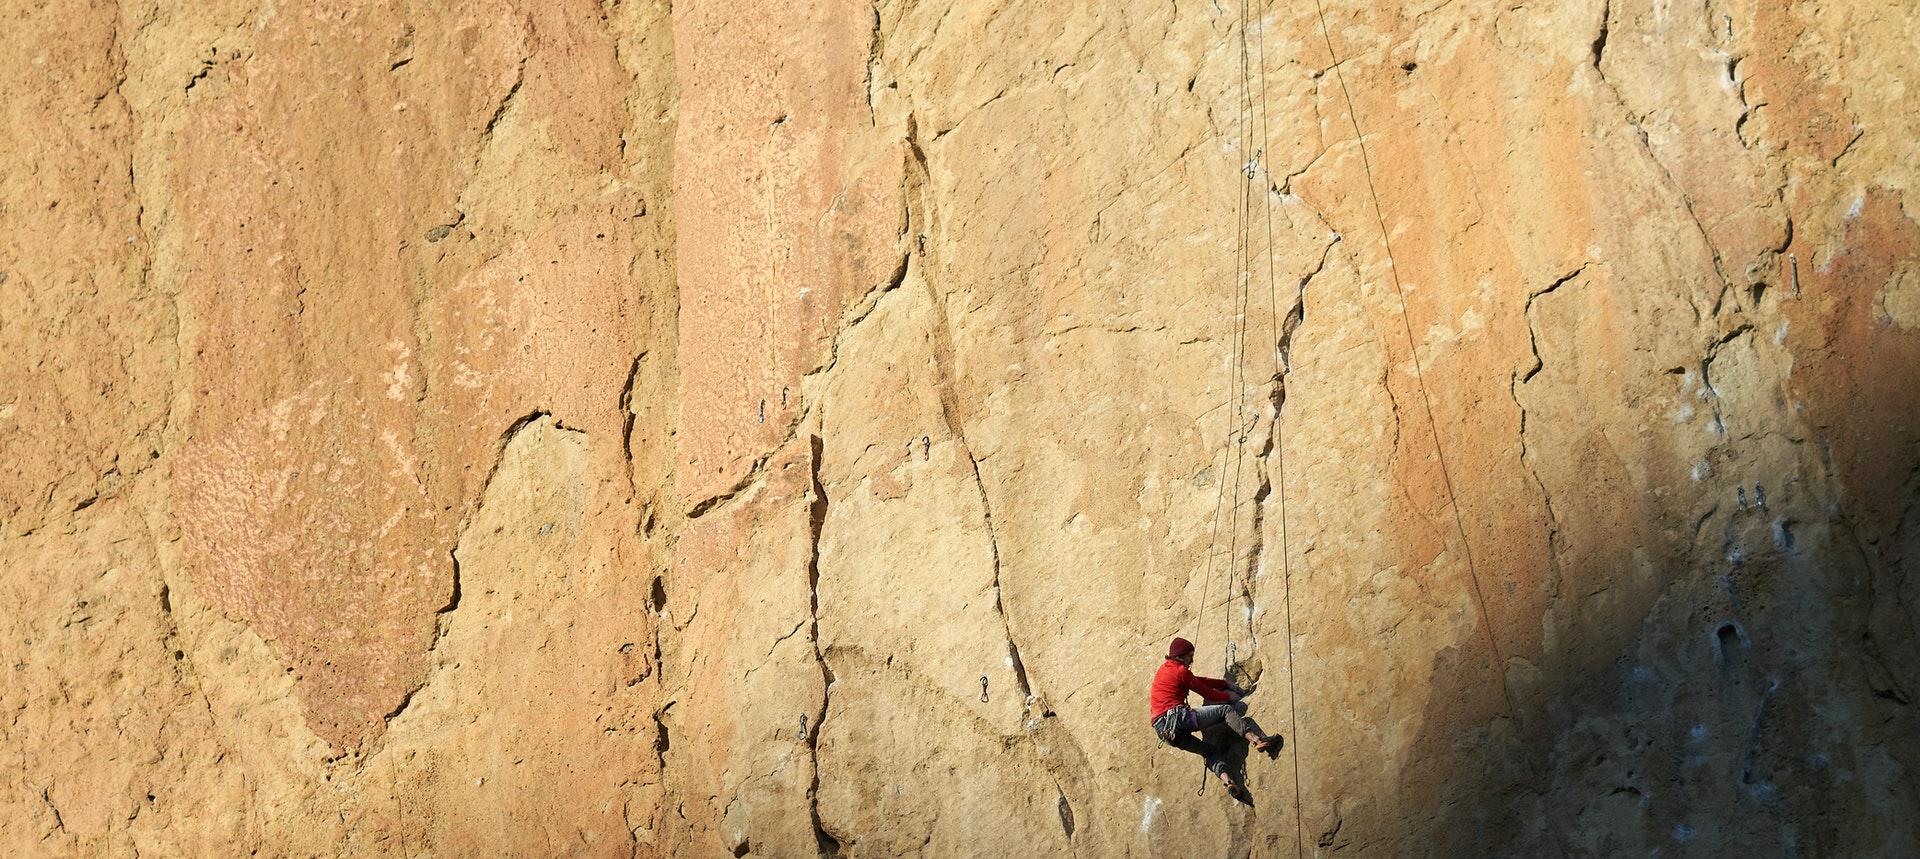 Klettern - Sicherheit